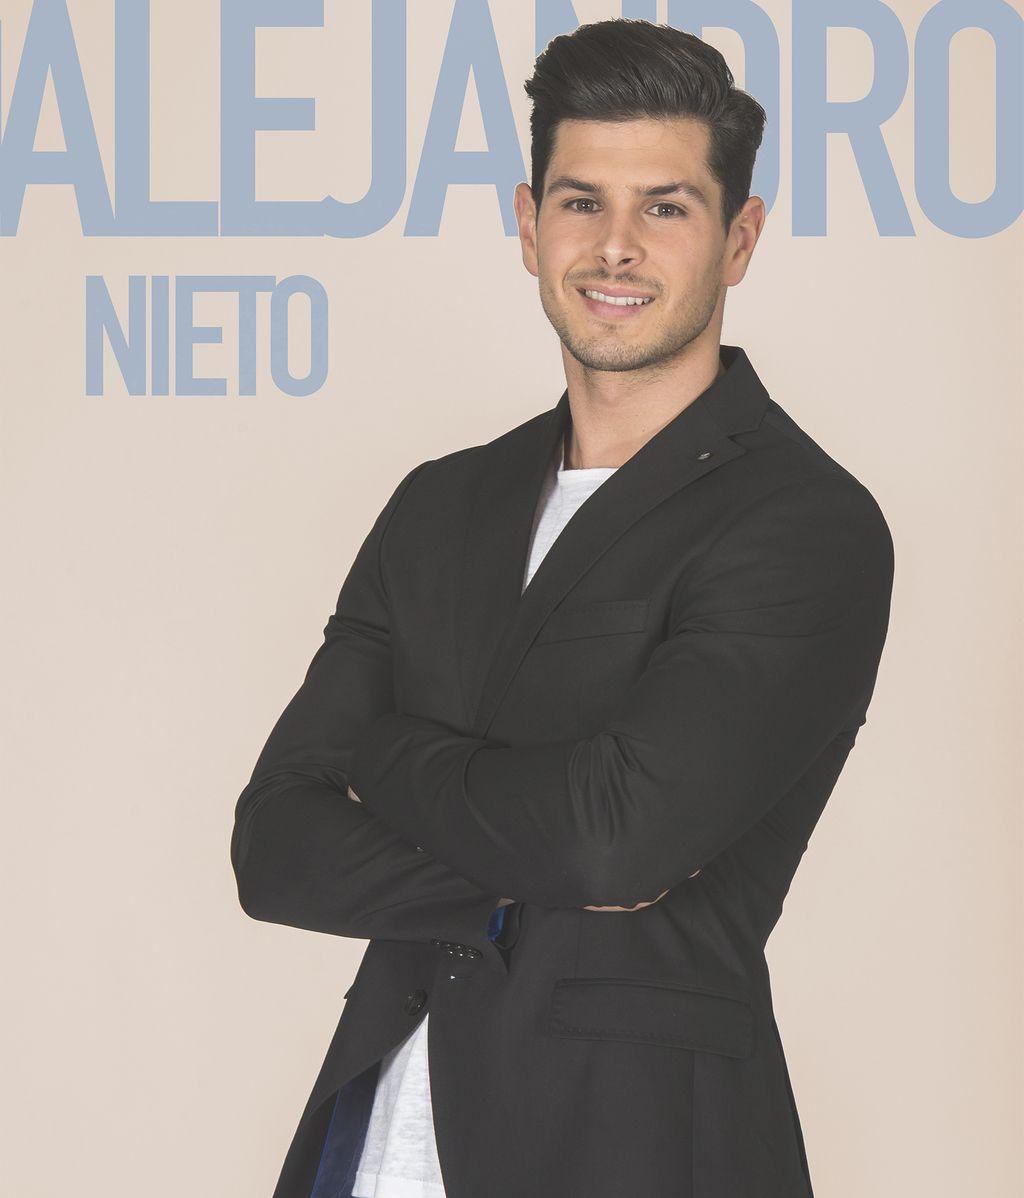 Alejandro Nieto, Míster España 2015